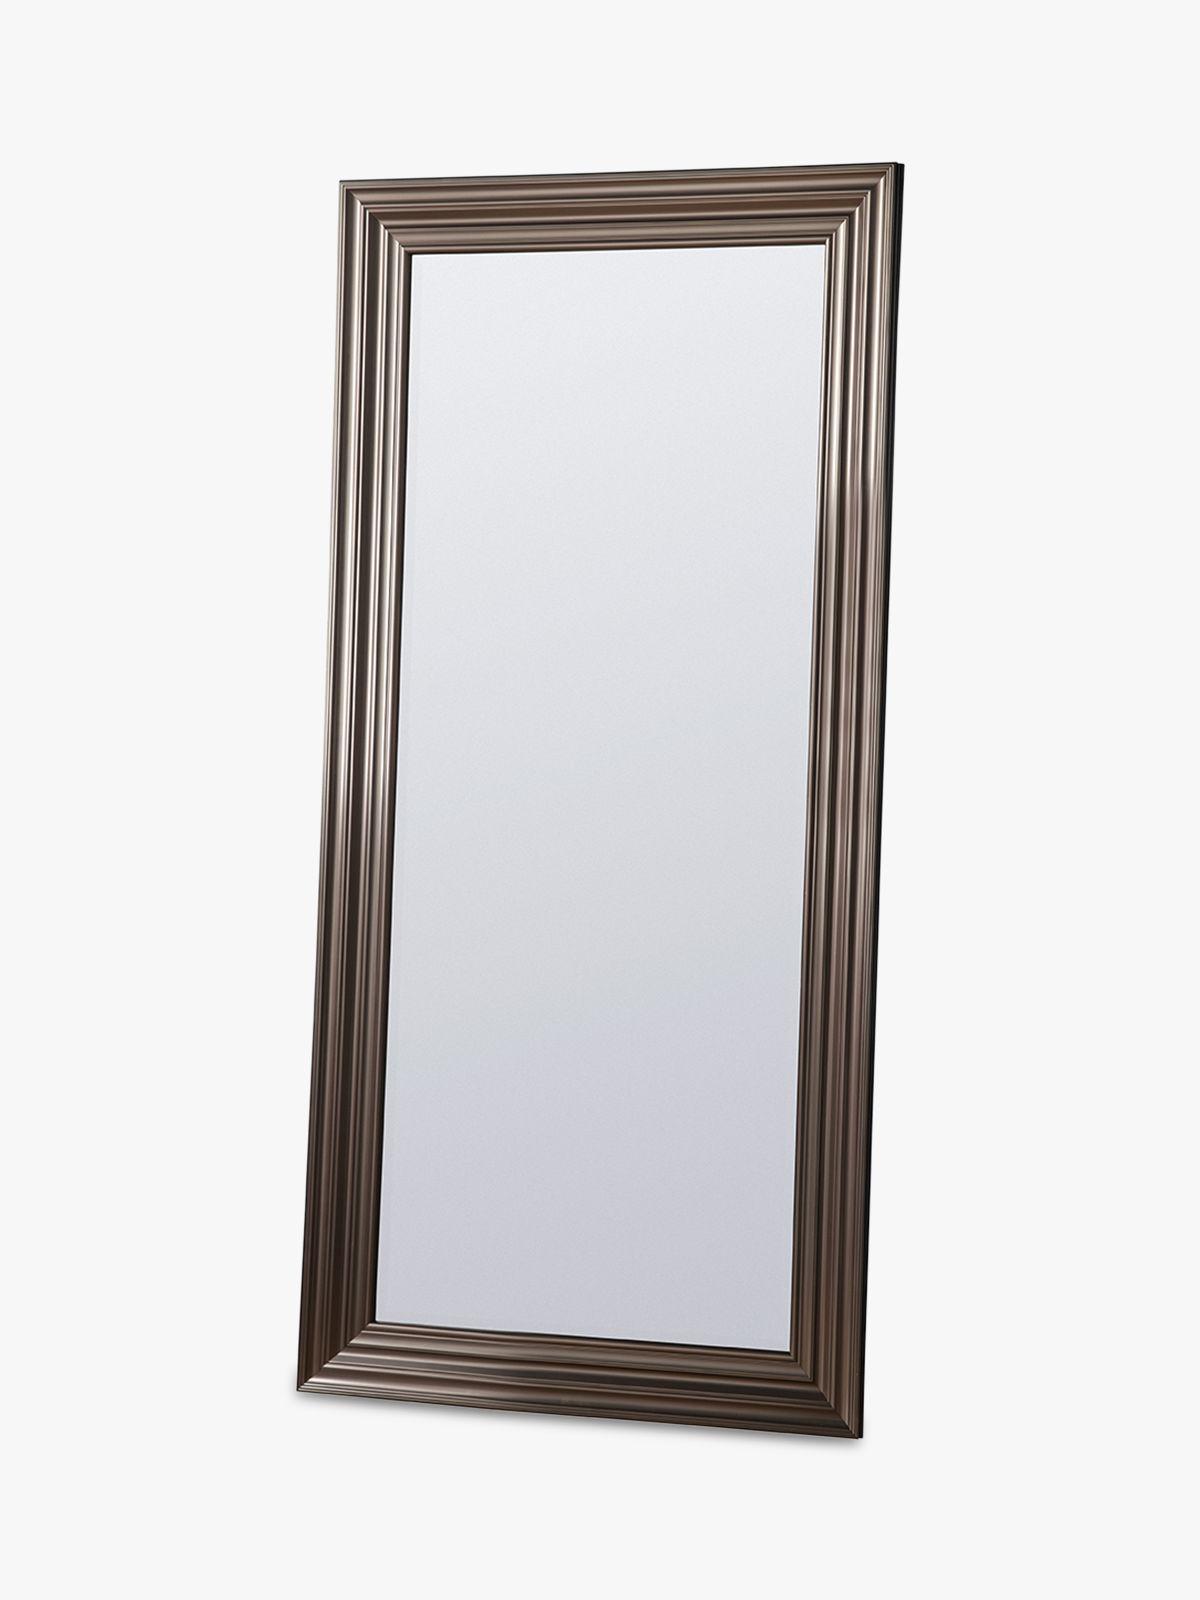 Erskine Rectangular Frame Leaner Mirror, 166.5 x 80.5cm, Pewter